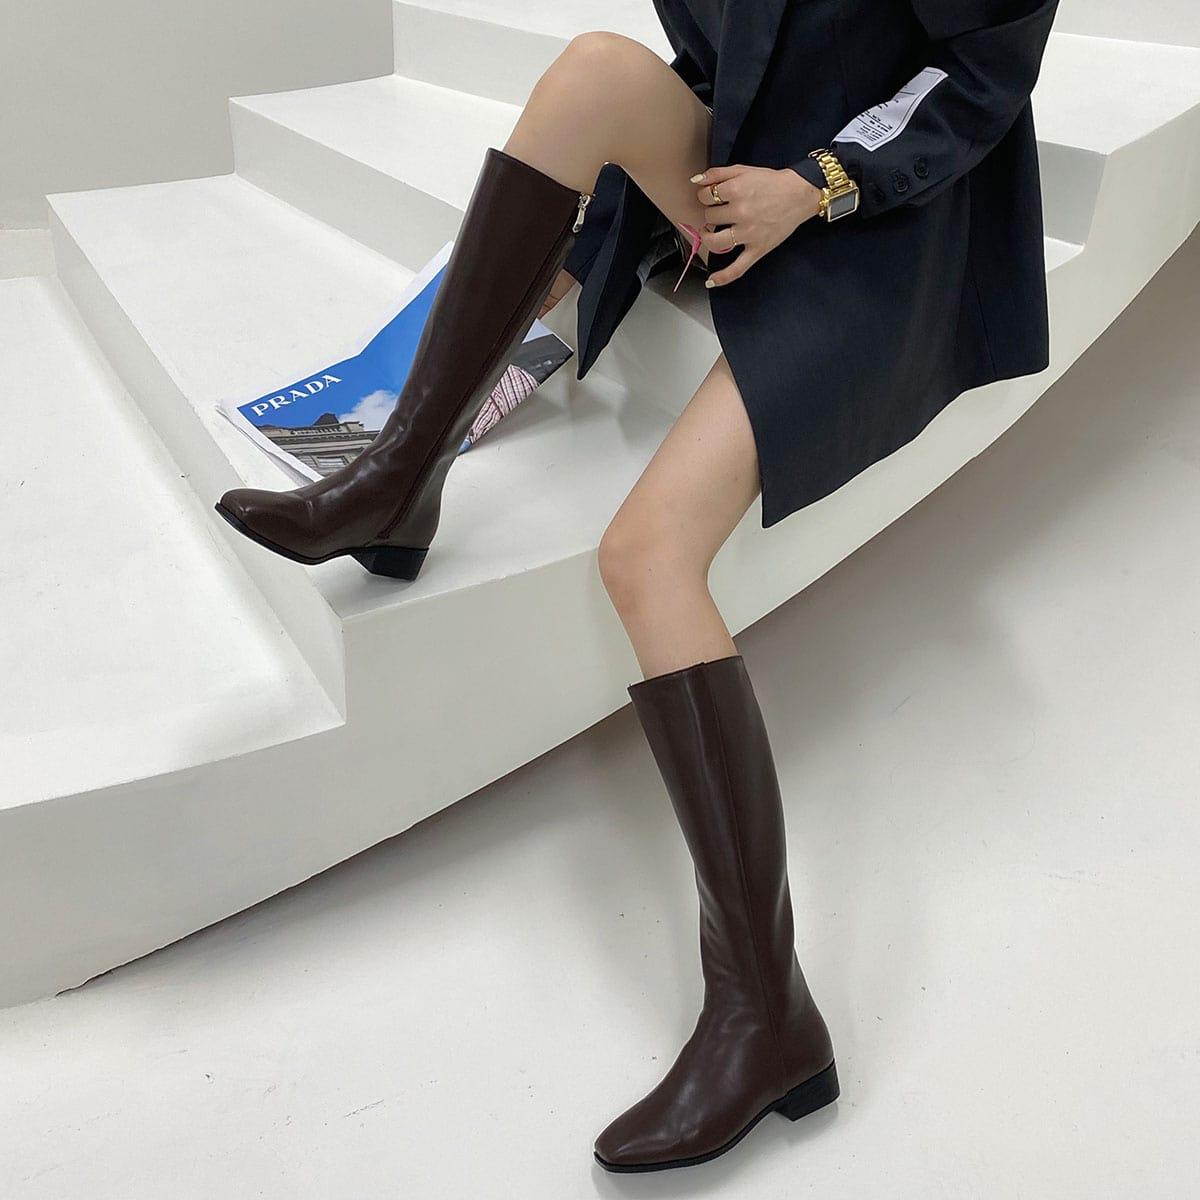 SHEIN / Minimalistische flache Stiefel mit Reißverschluss